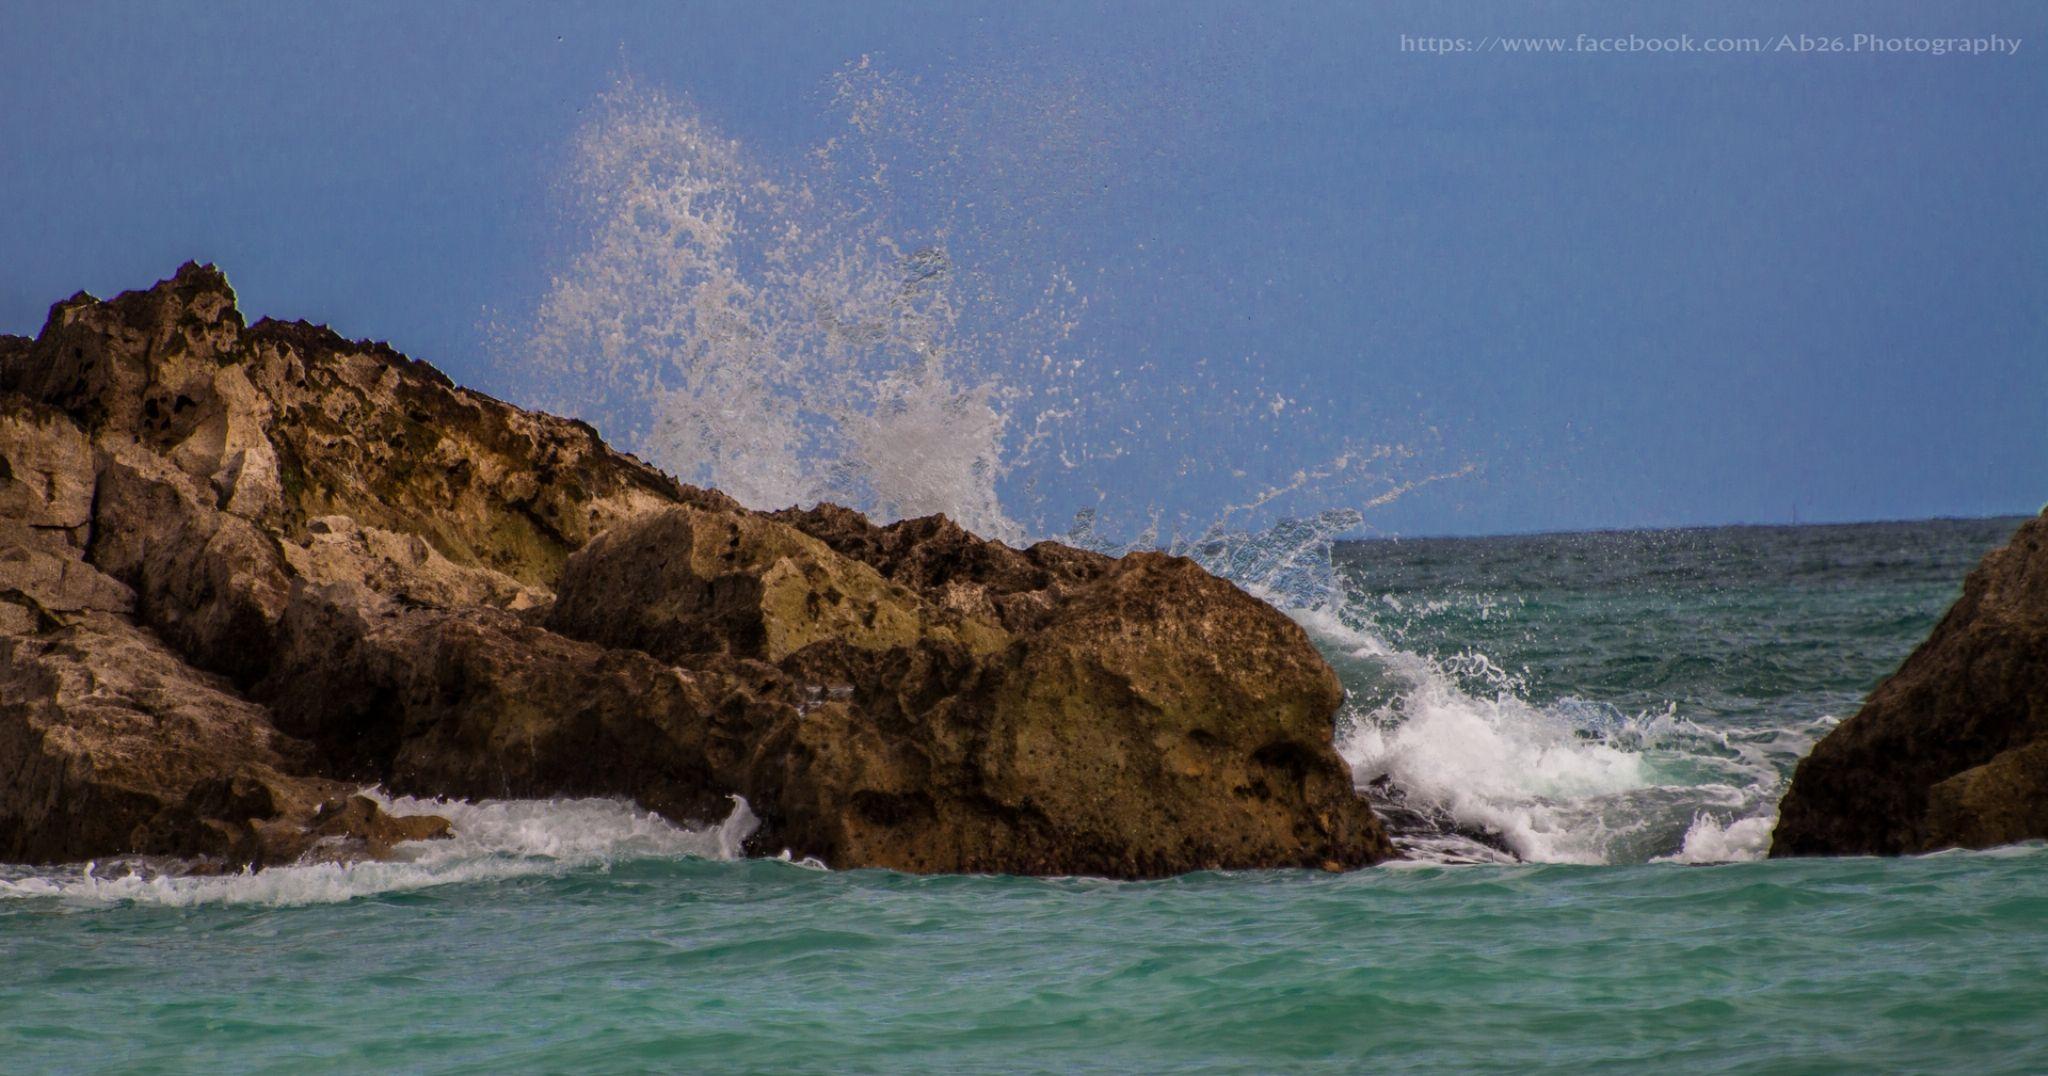 Splash....! by Abhishek Kumar